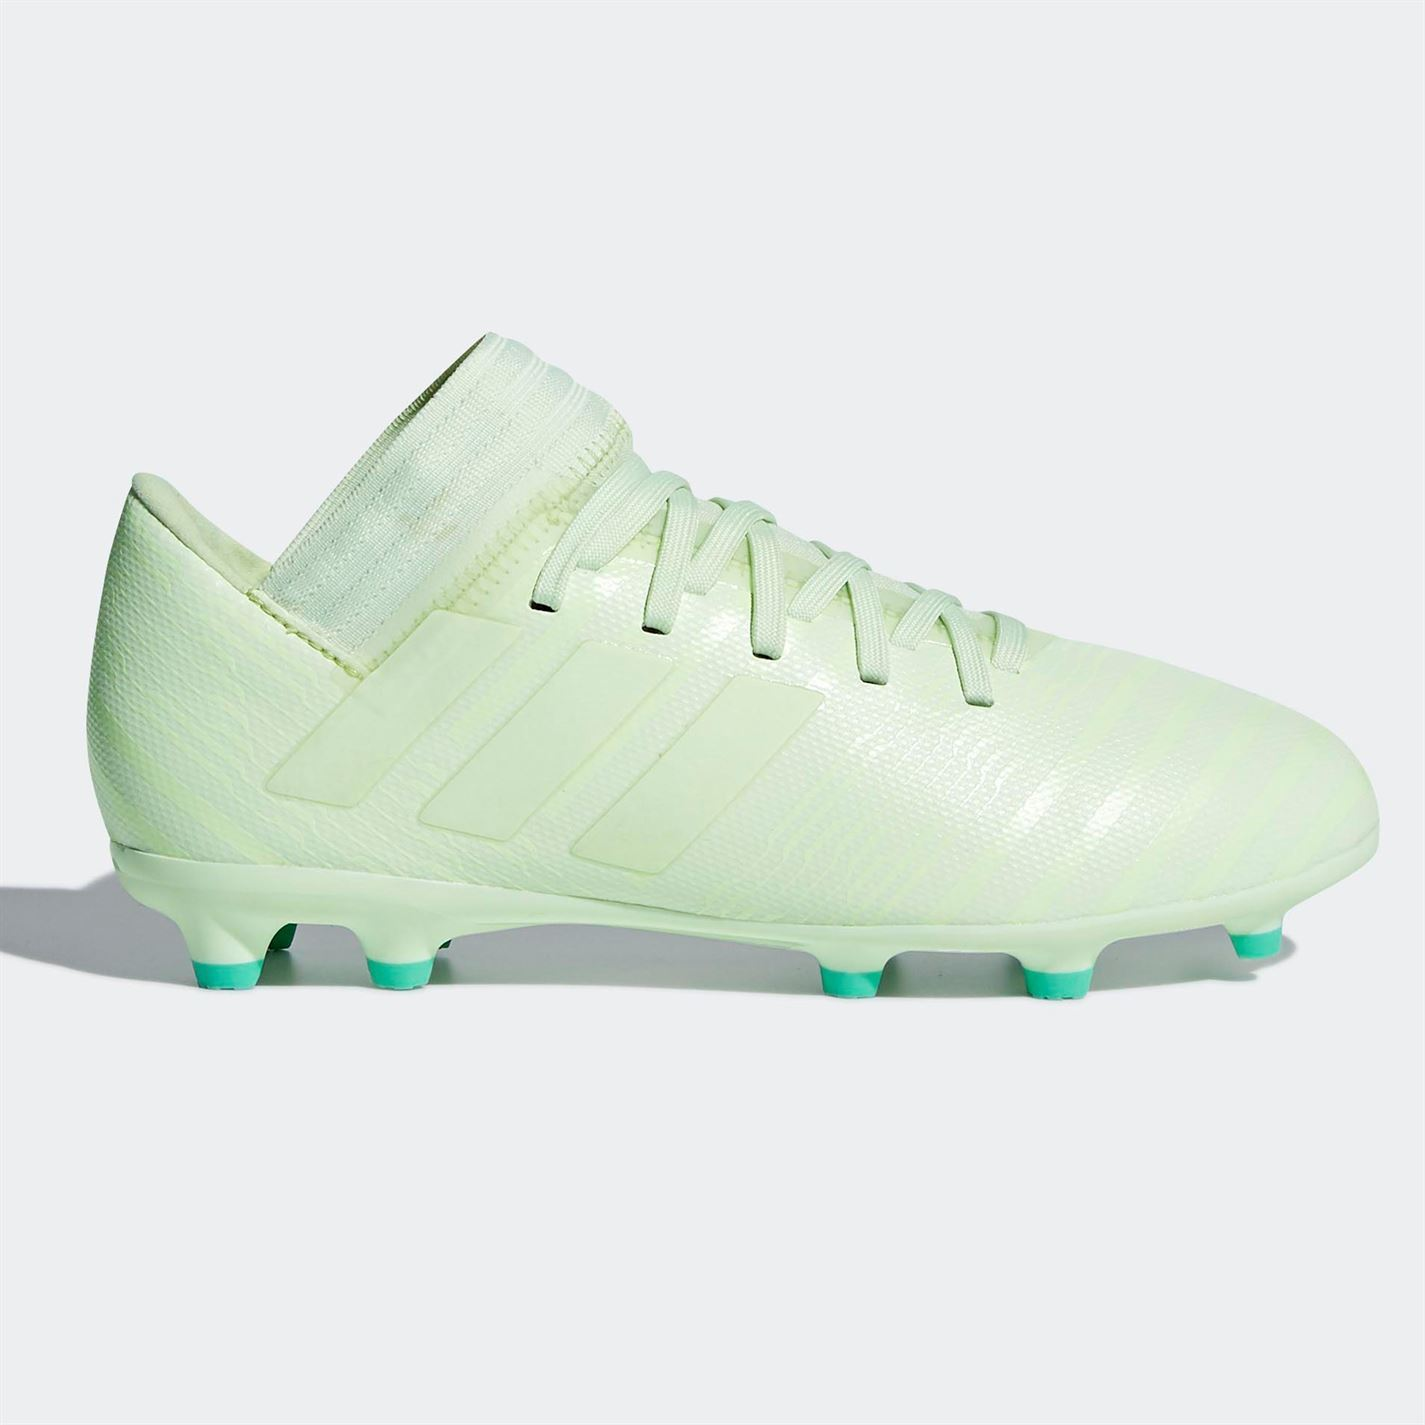 ... adidas Nemeziz 17.3 FG Firm Ground Football Boots Childs Green Soccer  Cleats ... 0c49673854b70